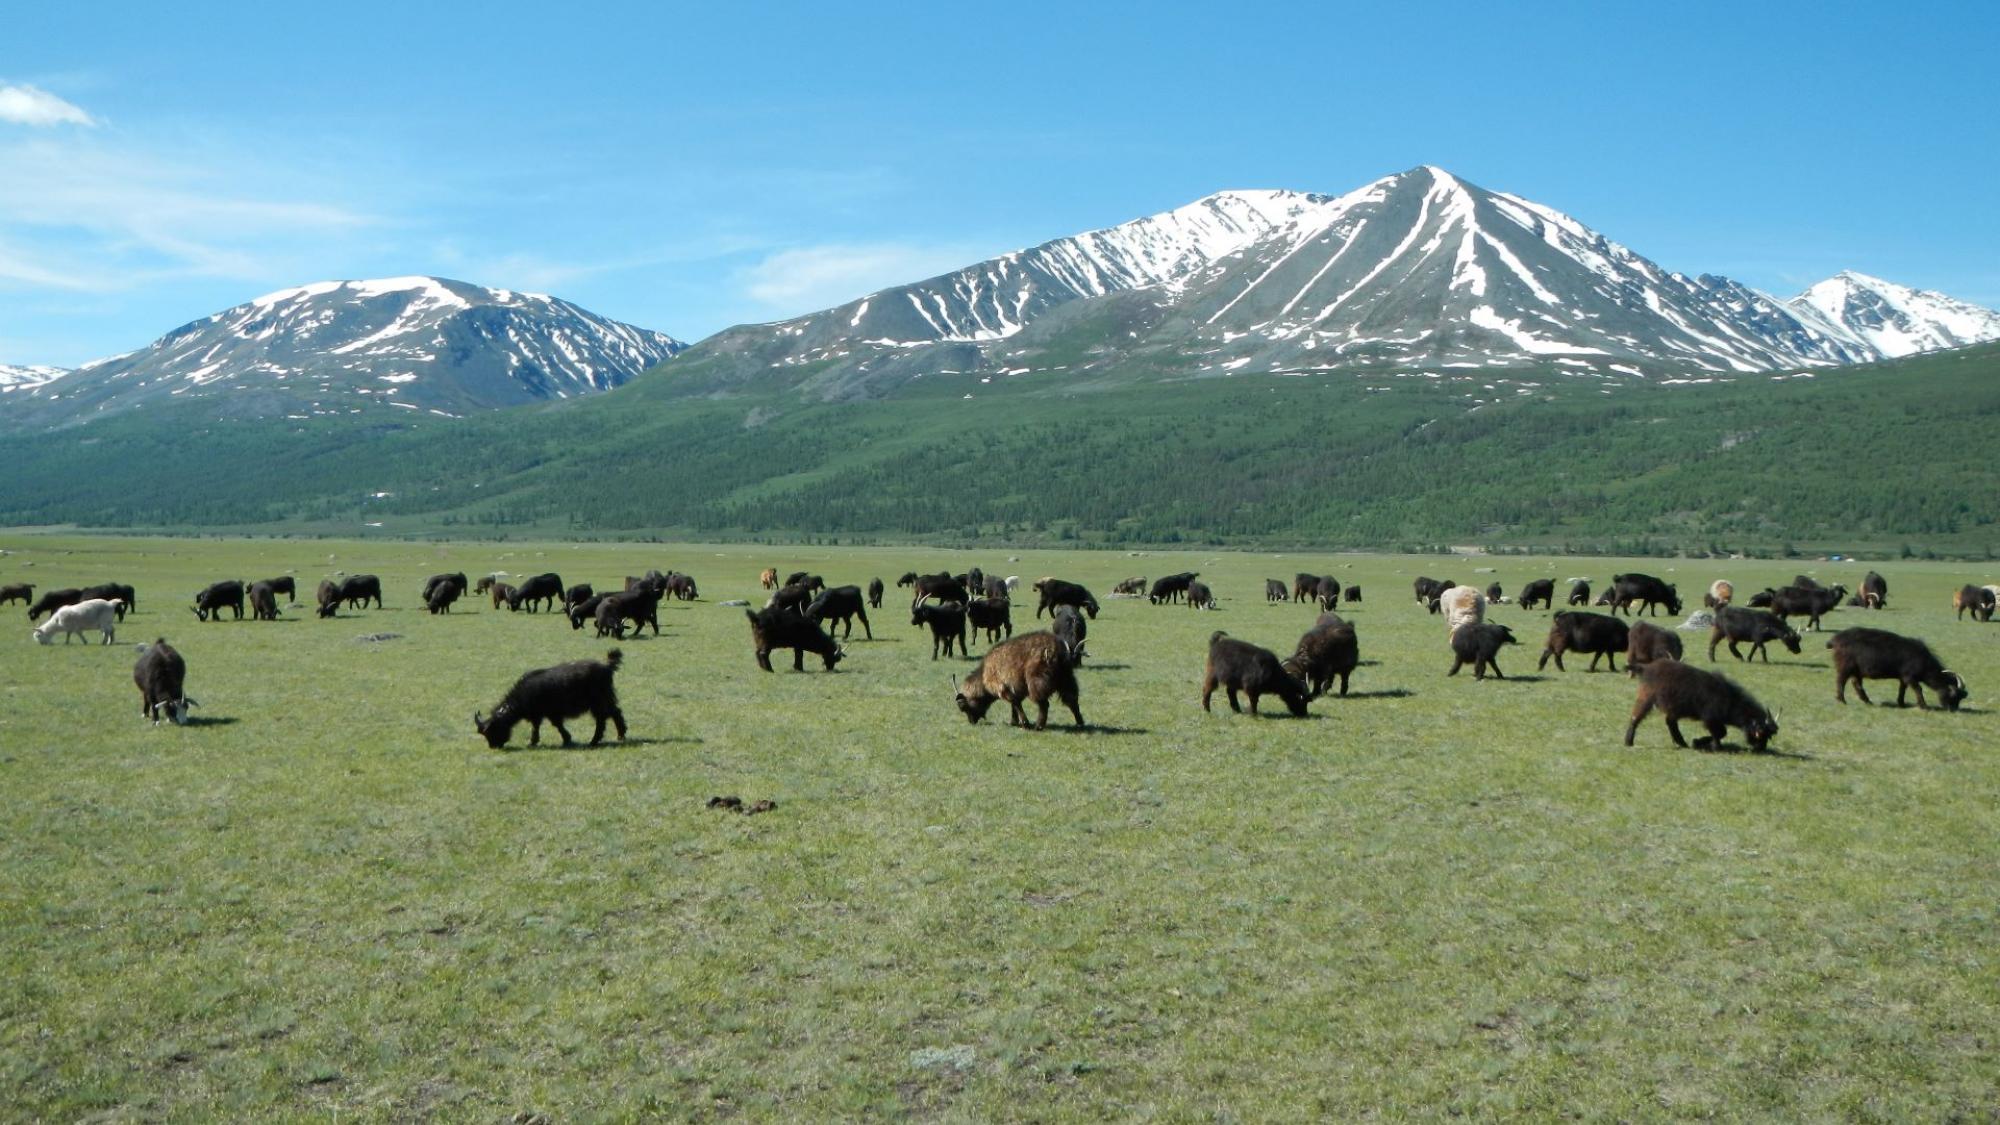 Vihreällä niityllä ruskeita lampaita, taustalla lumihuippuiset vuoret ja sininen taivas.